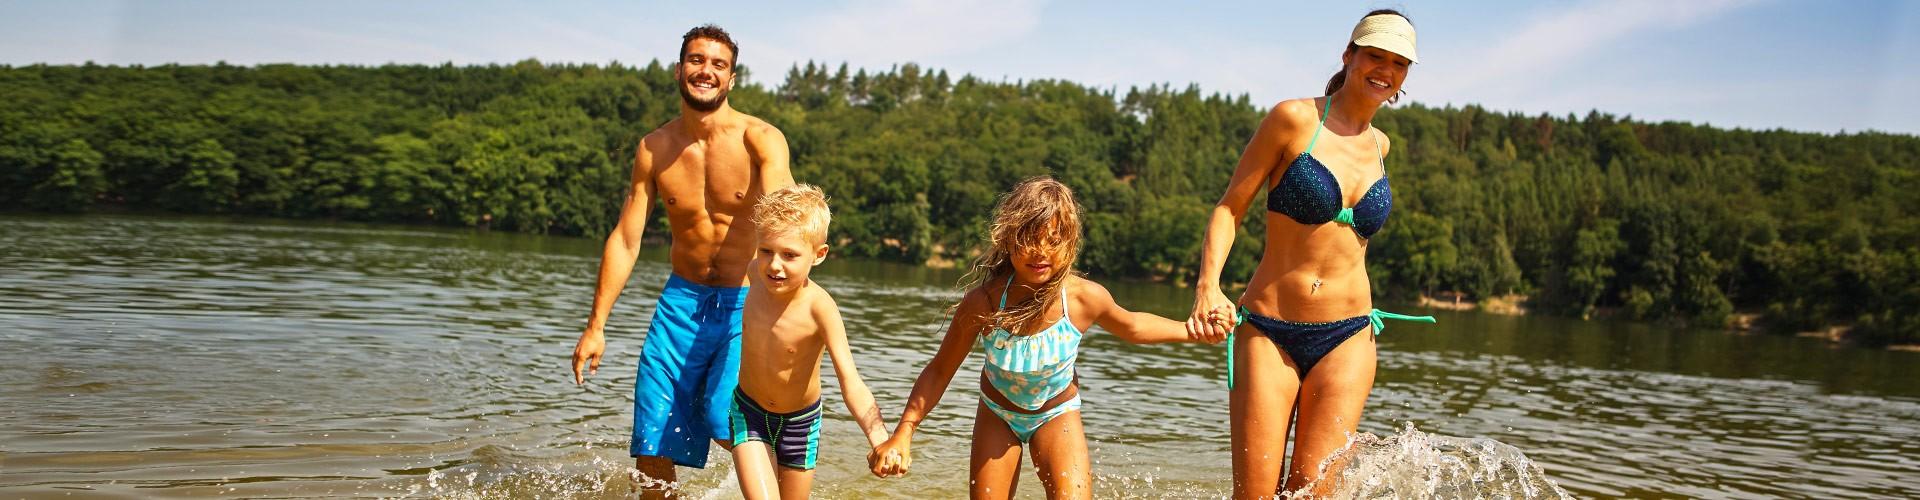 Familienurlaub Baden am See in Berchtesgaden